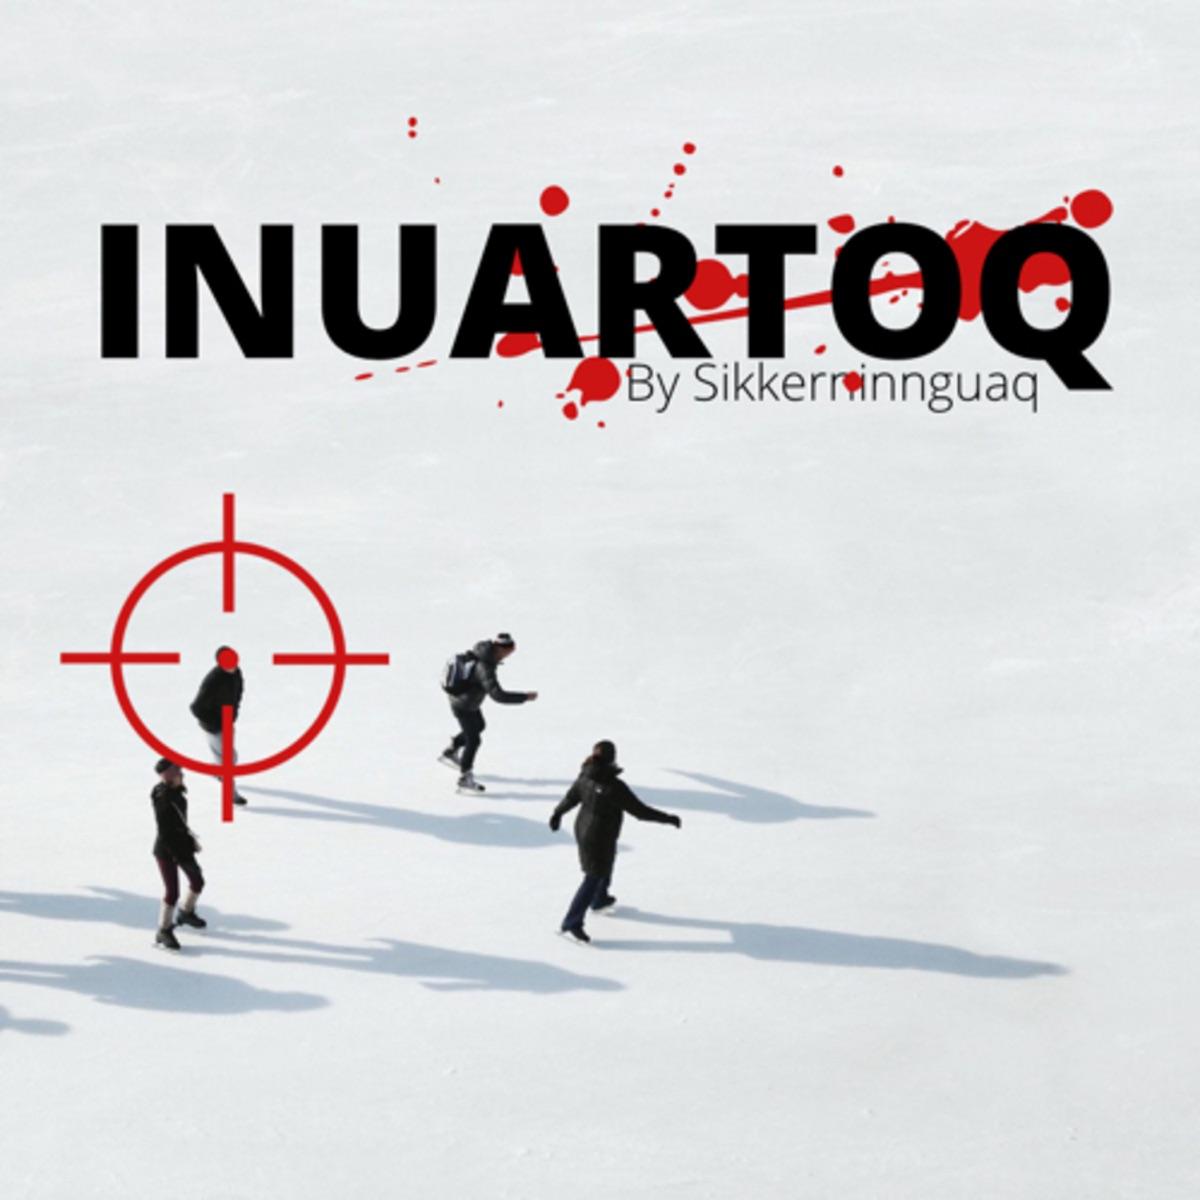 Inuartoq by Sikkerninnguaq